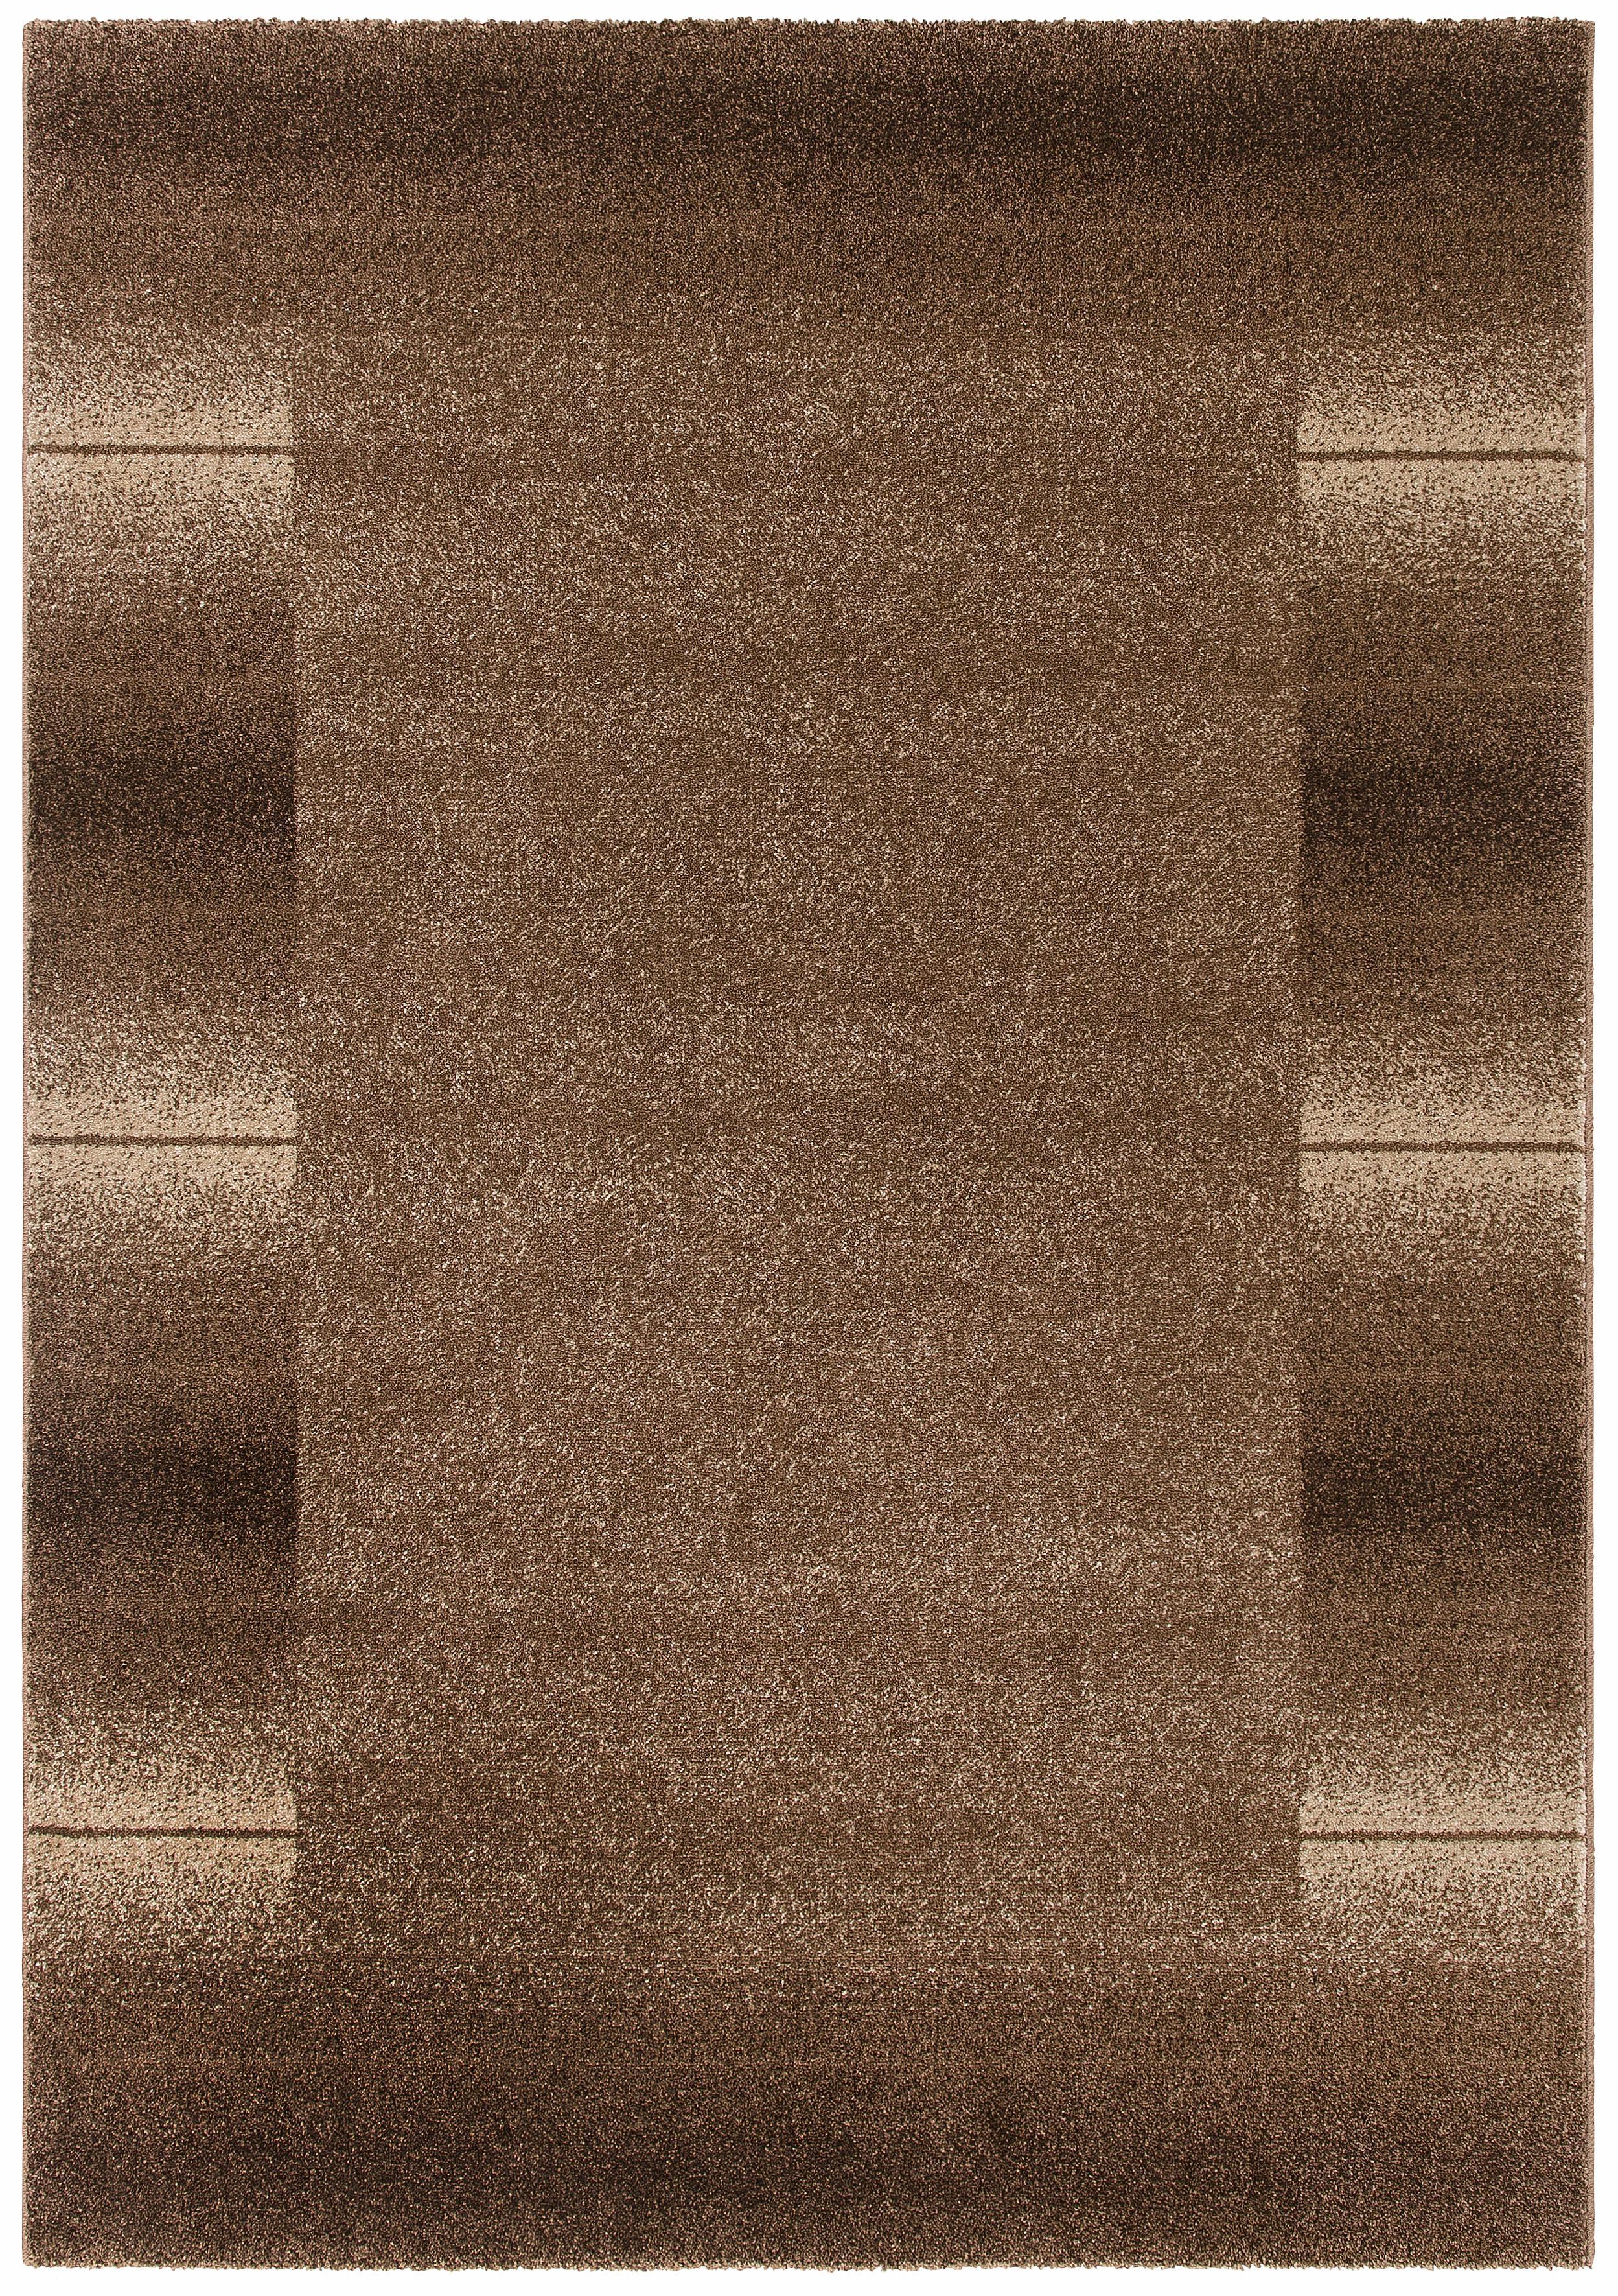 teppich oriol my home rechteckig h he 13 mm. Black Bedroom Furniture Sets. Home Design Ideas